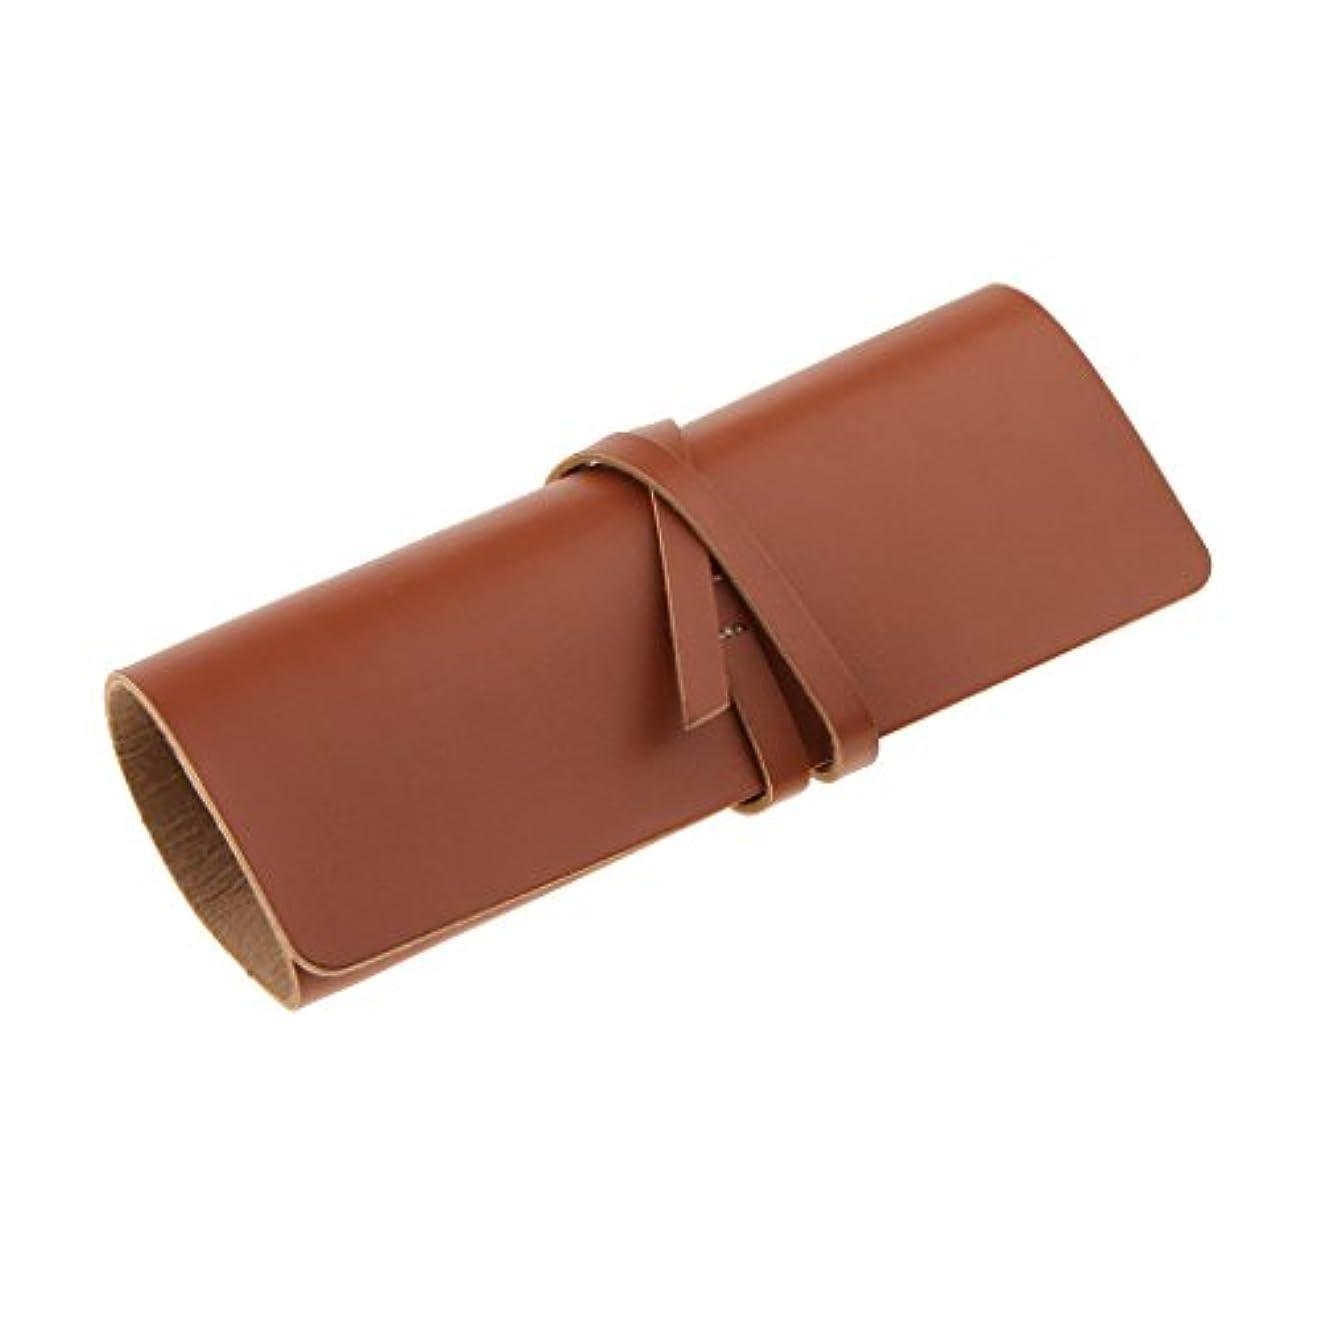 経済的毛細血管法医学Baoblaze カミソリケース 収納ケース 収納ポーチ プロテクターケース シェーバーポーチ 折りたたみ 全2色 - 褐色